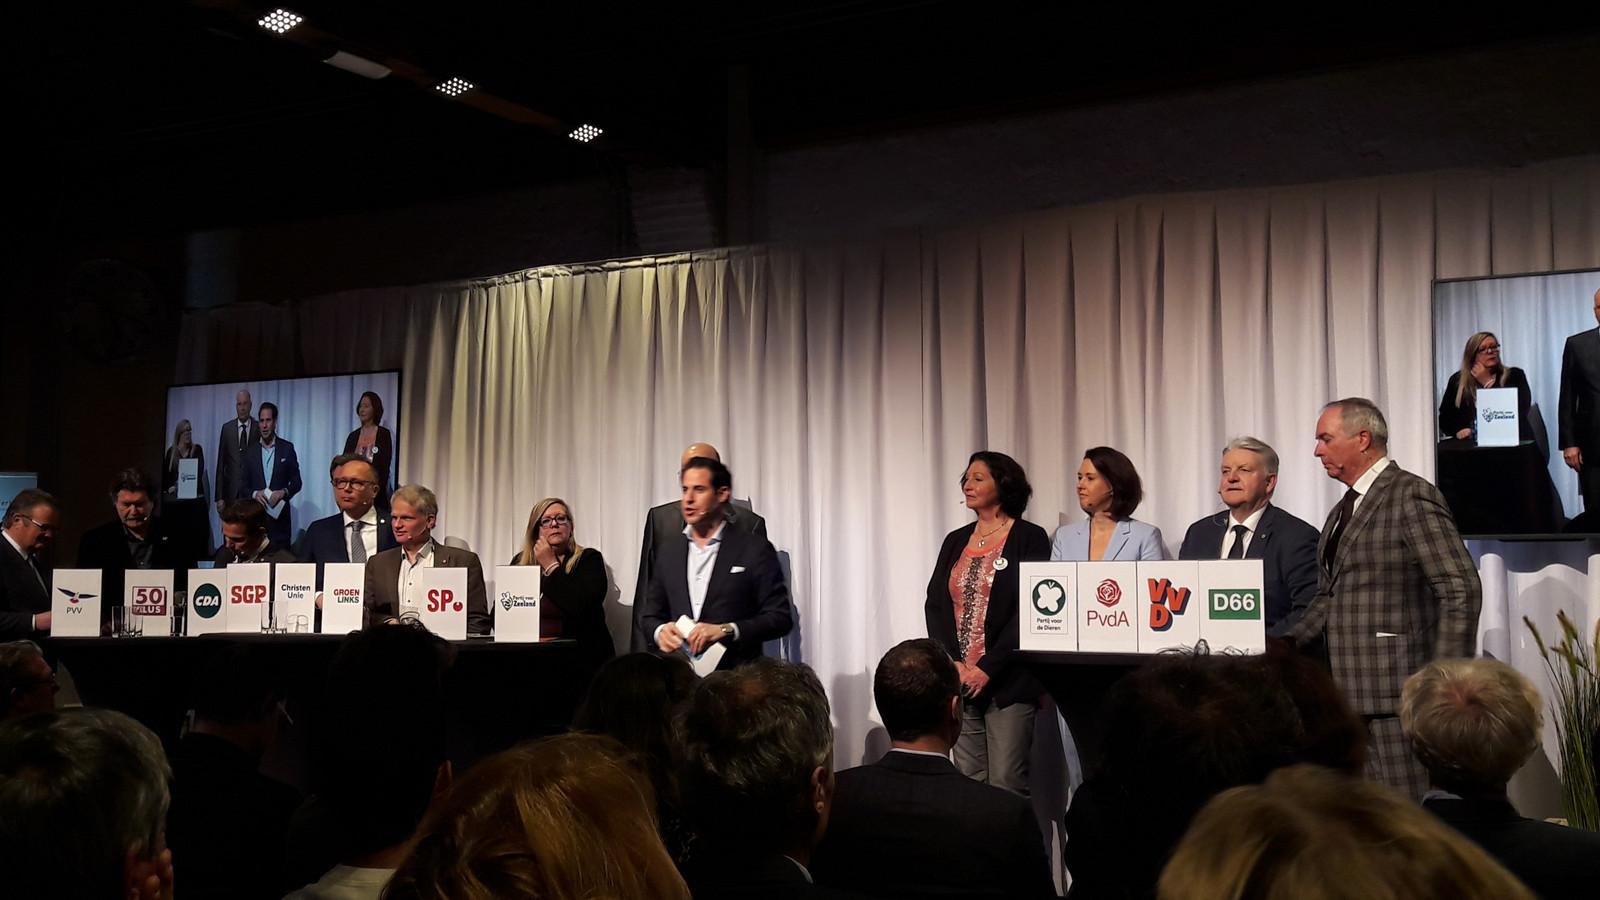 Zeeuws ondernemersdebat in de Dow-boerderij in Terneuzen met twaalf provinciale lijsttrekkers en gespreksleider Donatello Piras (midden).